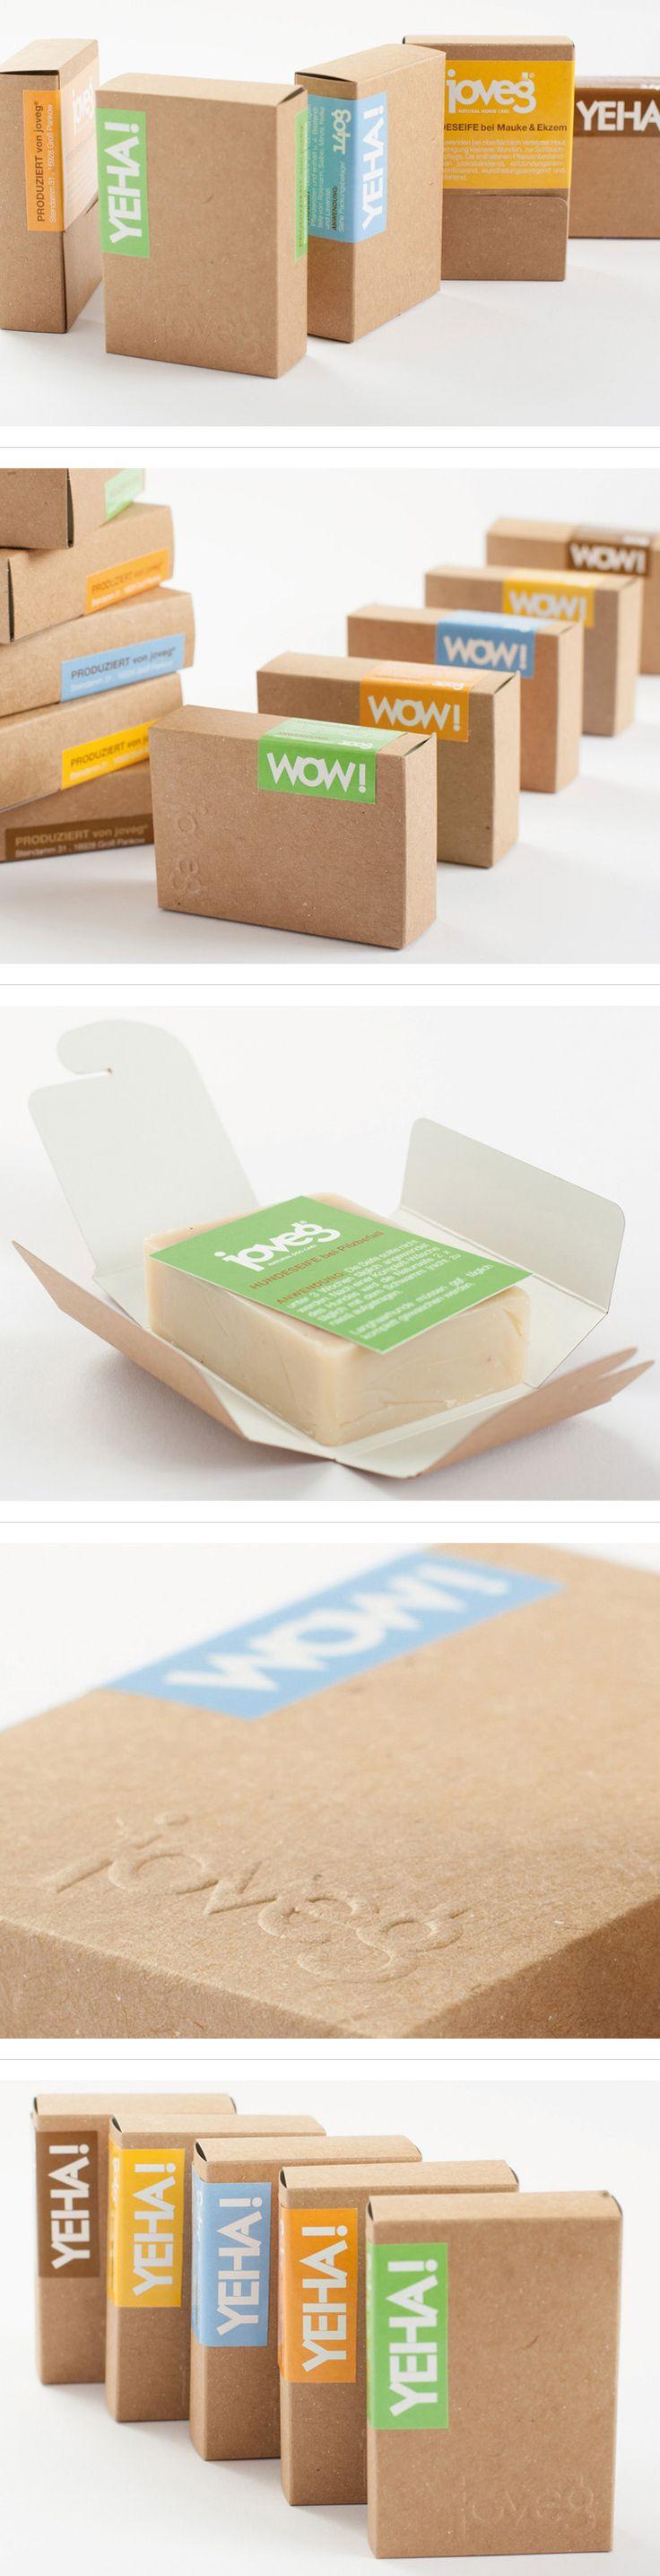 Dit zijn precies de kleurtjes die we bij Papiergoed ook zo mooi vinden | Packaging Design for joveg® PD